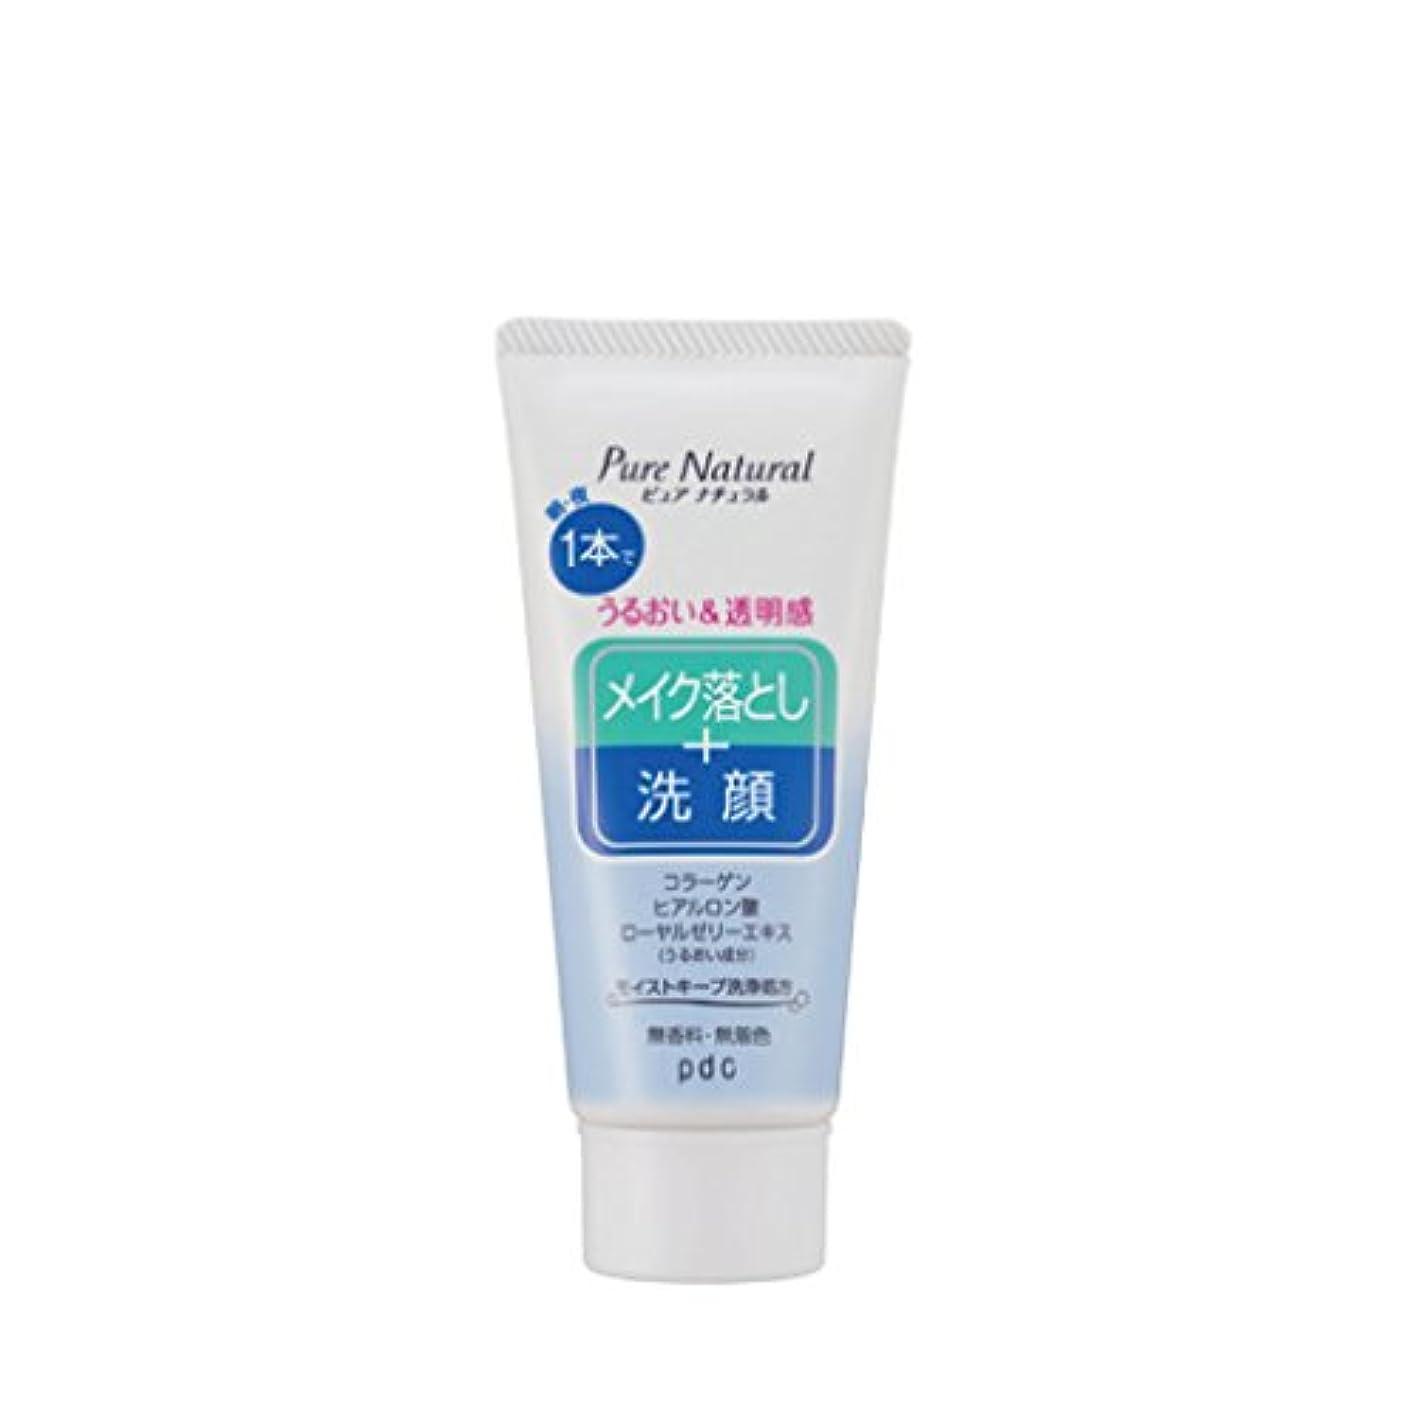 ひどくオーガニック手Pure NATURAL(ピュアナチュラル) クレンジング洗顔 (ミニサイズ) 70g